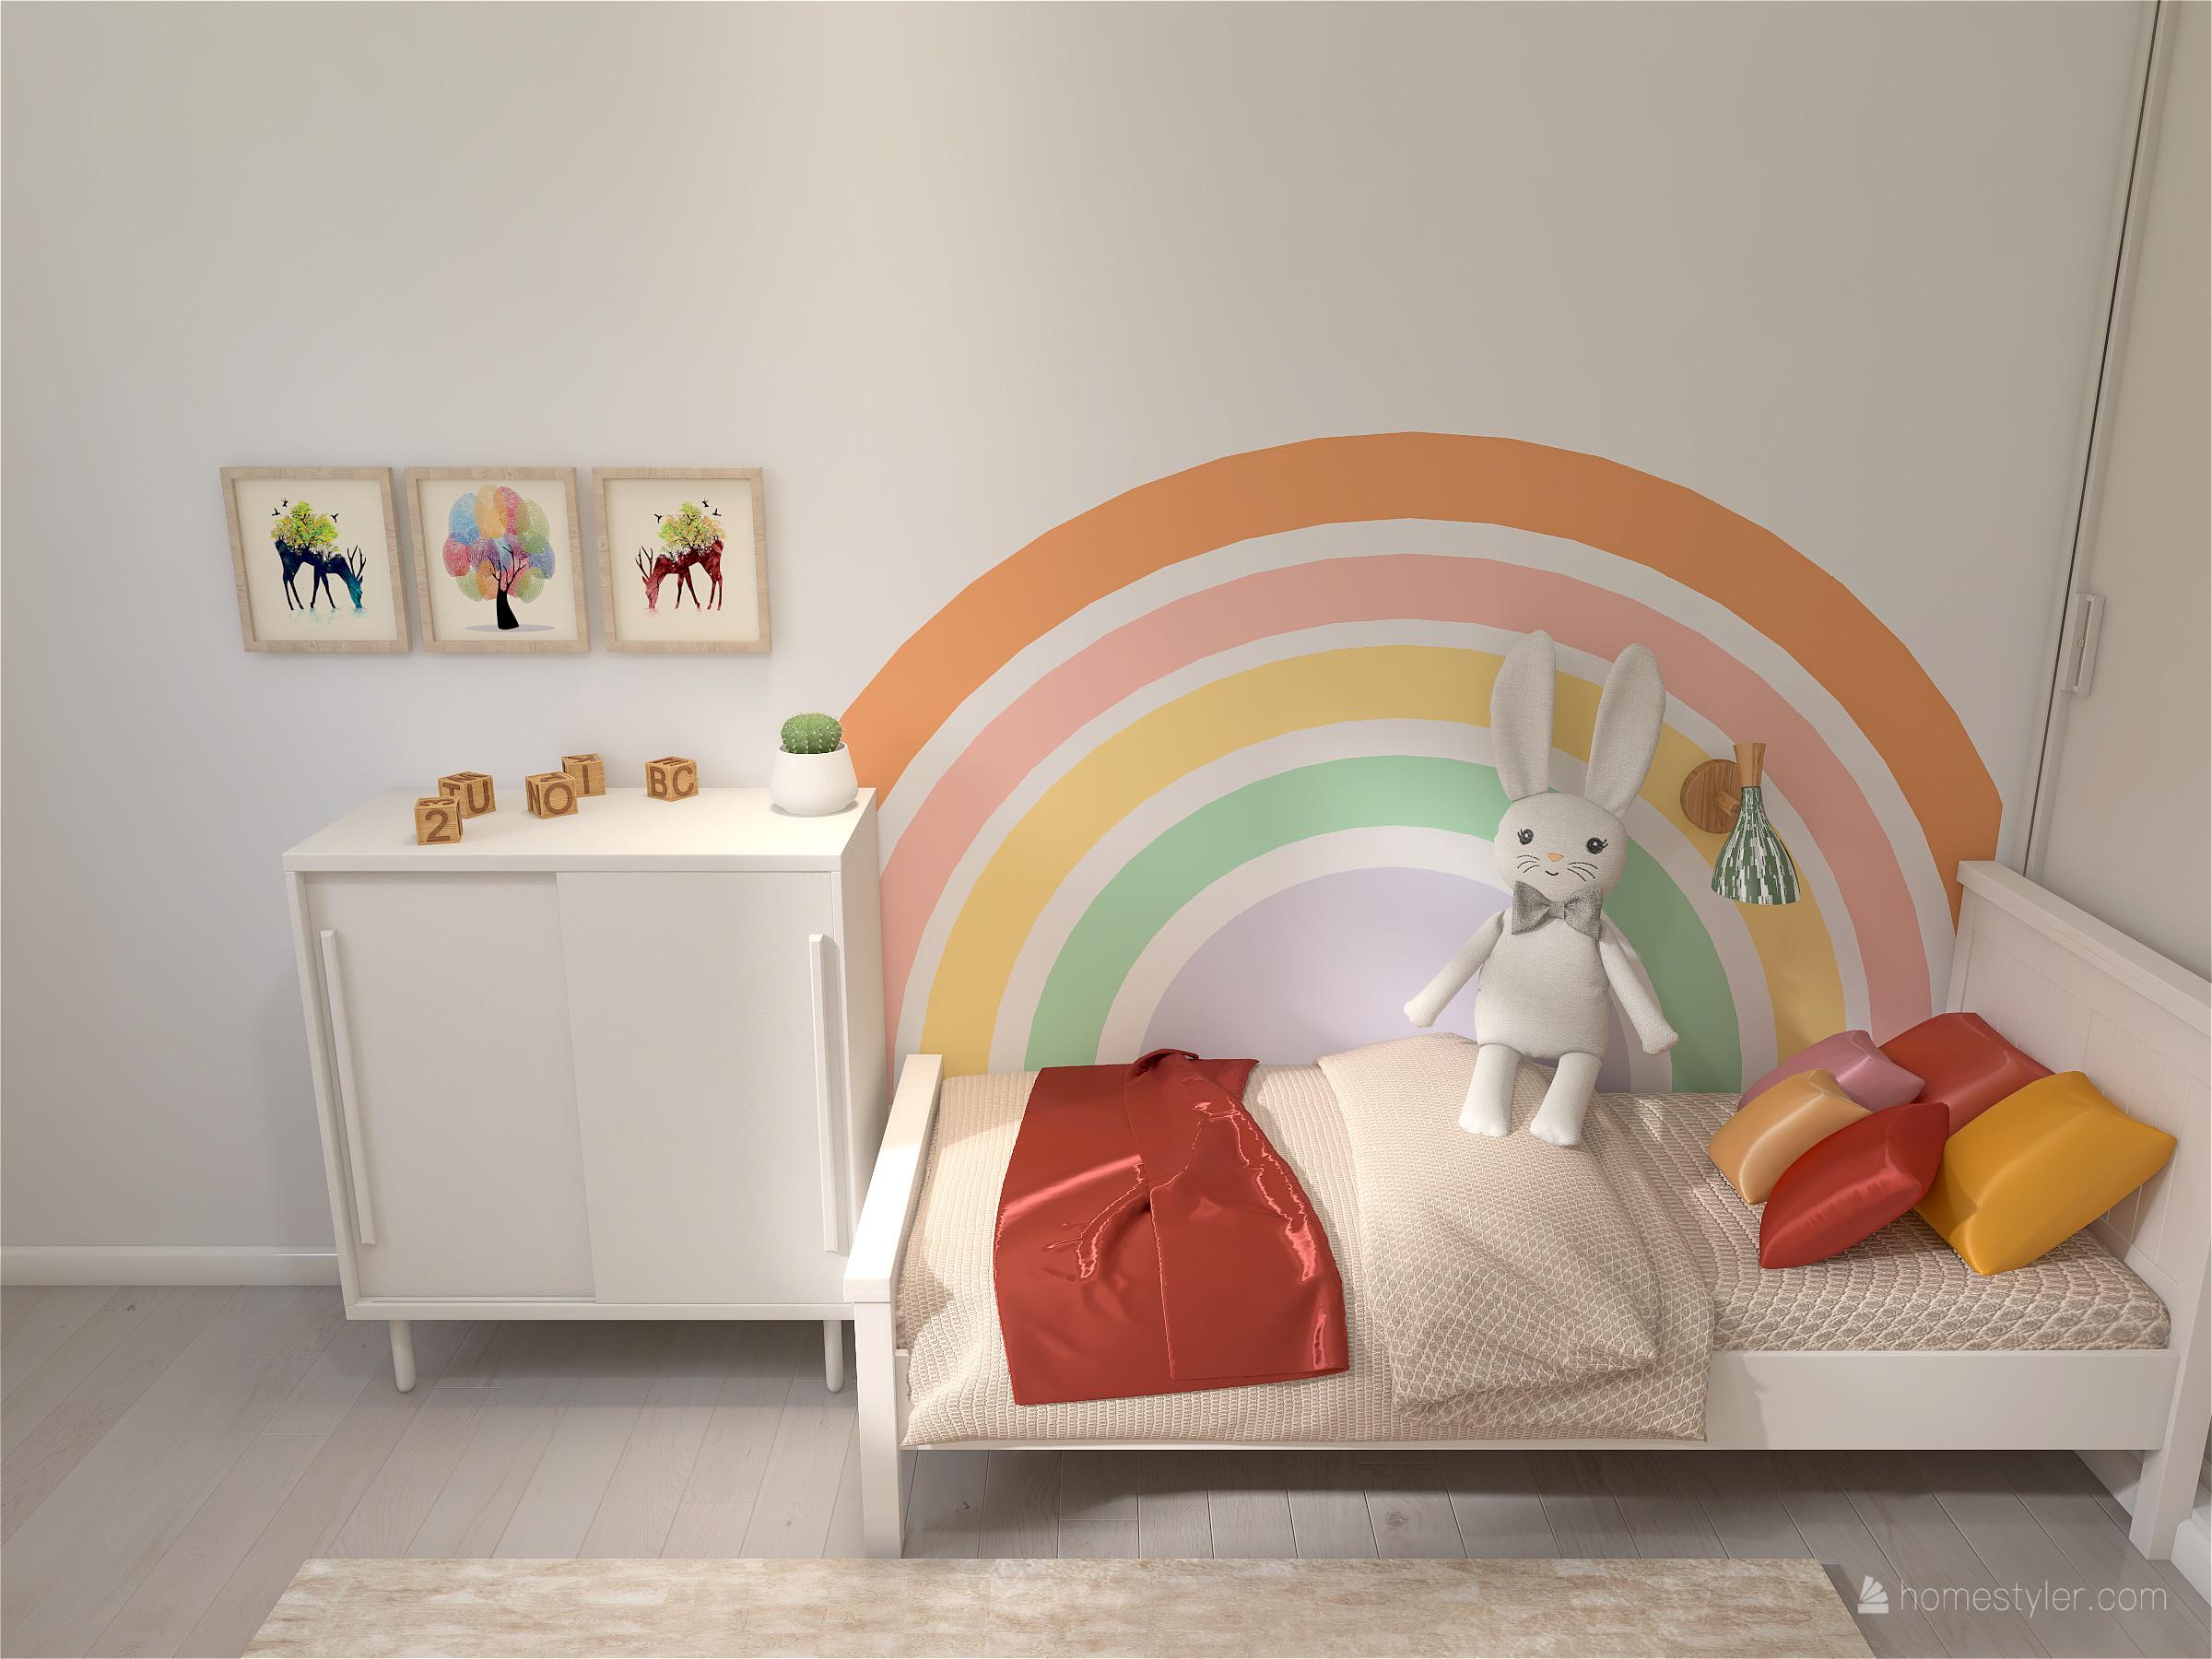 Projet Velizy - Aménager une chambre pour deux enfants